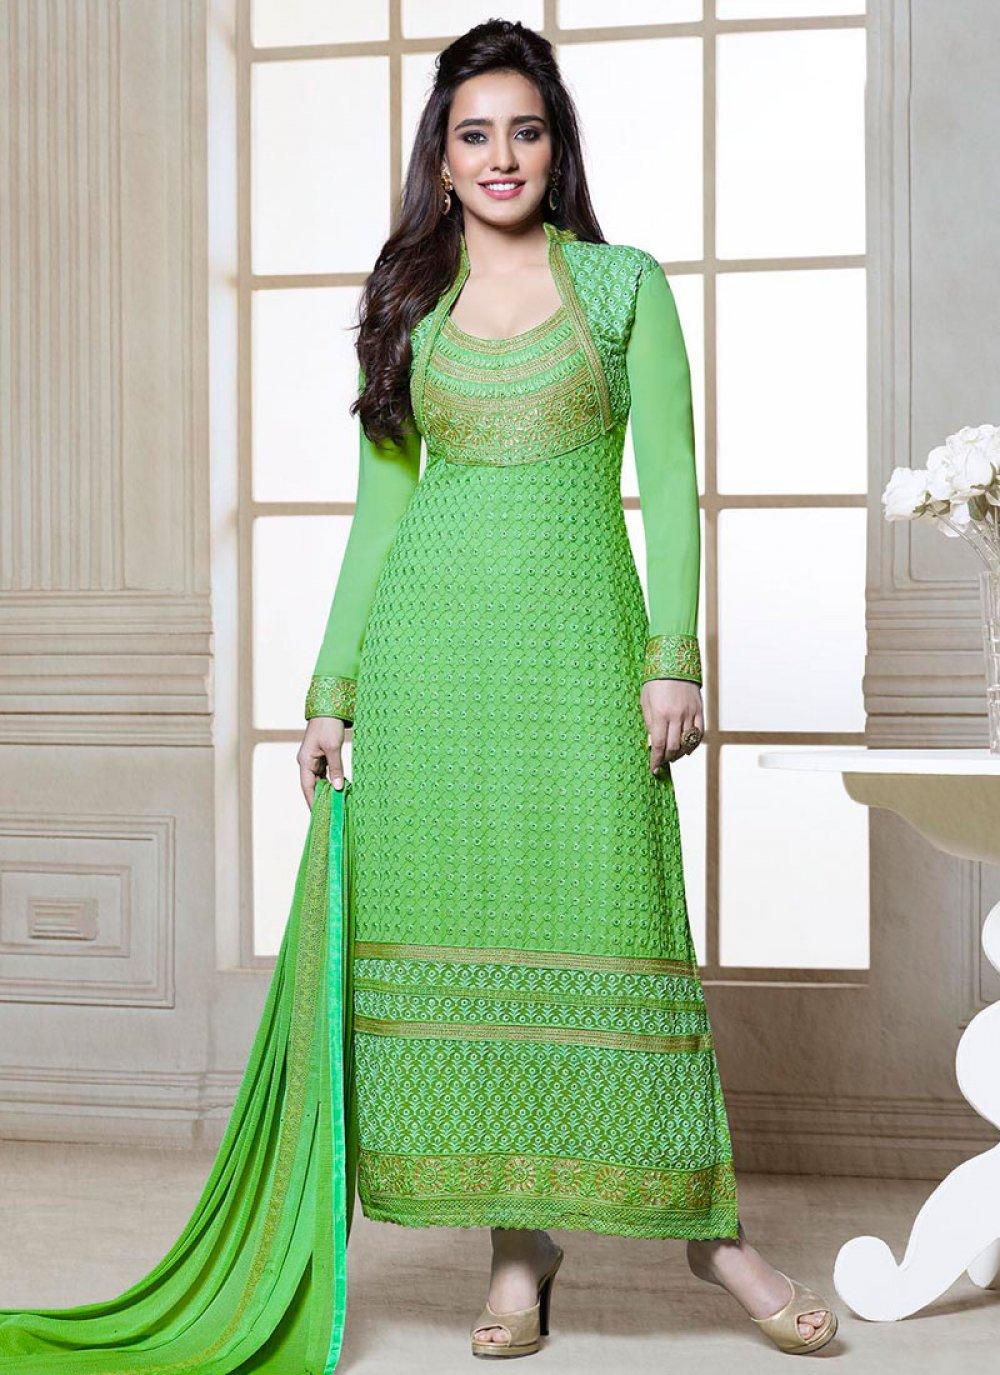 Neha Sharma Green Resham Churidar Suit